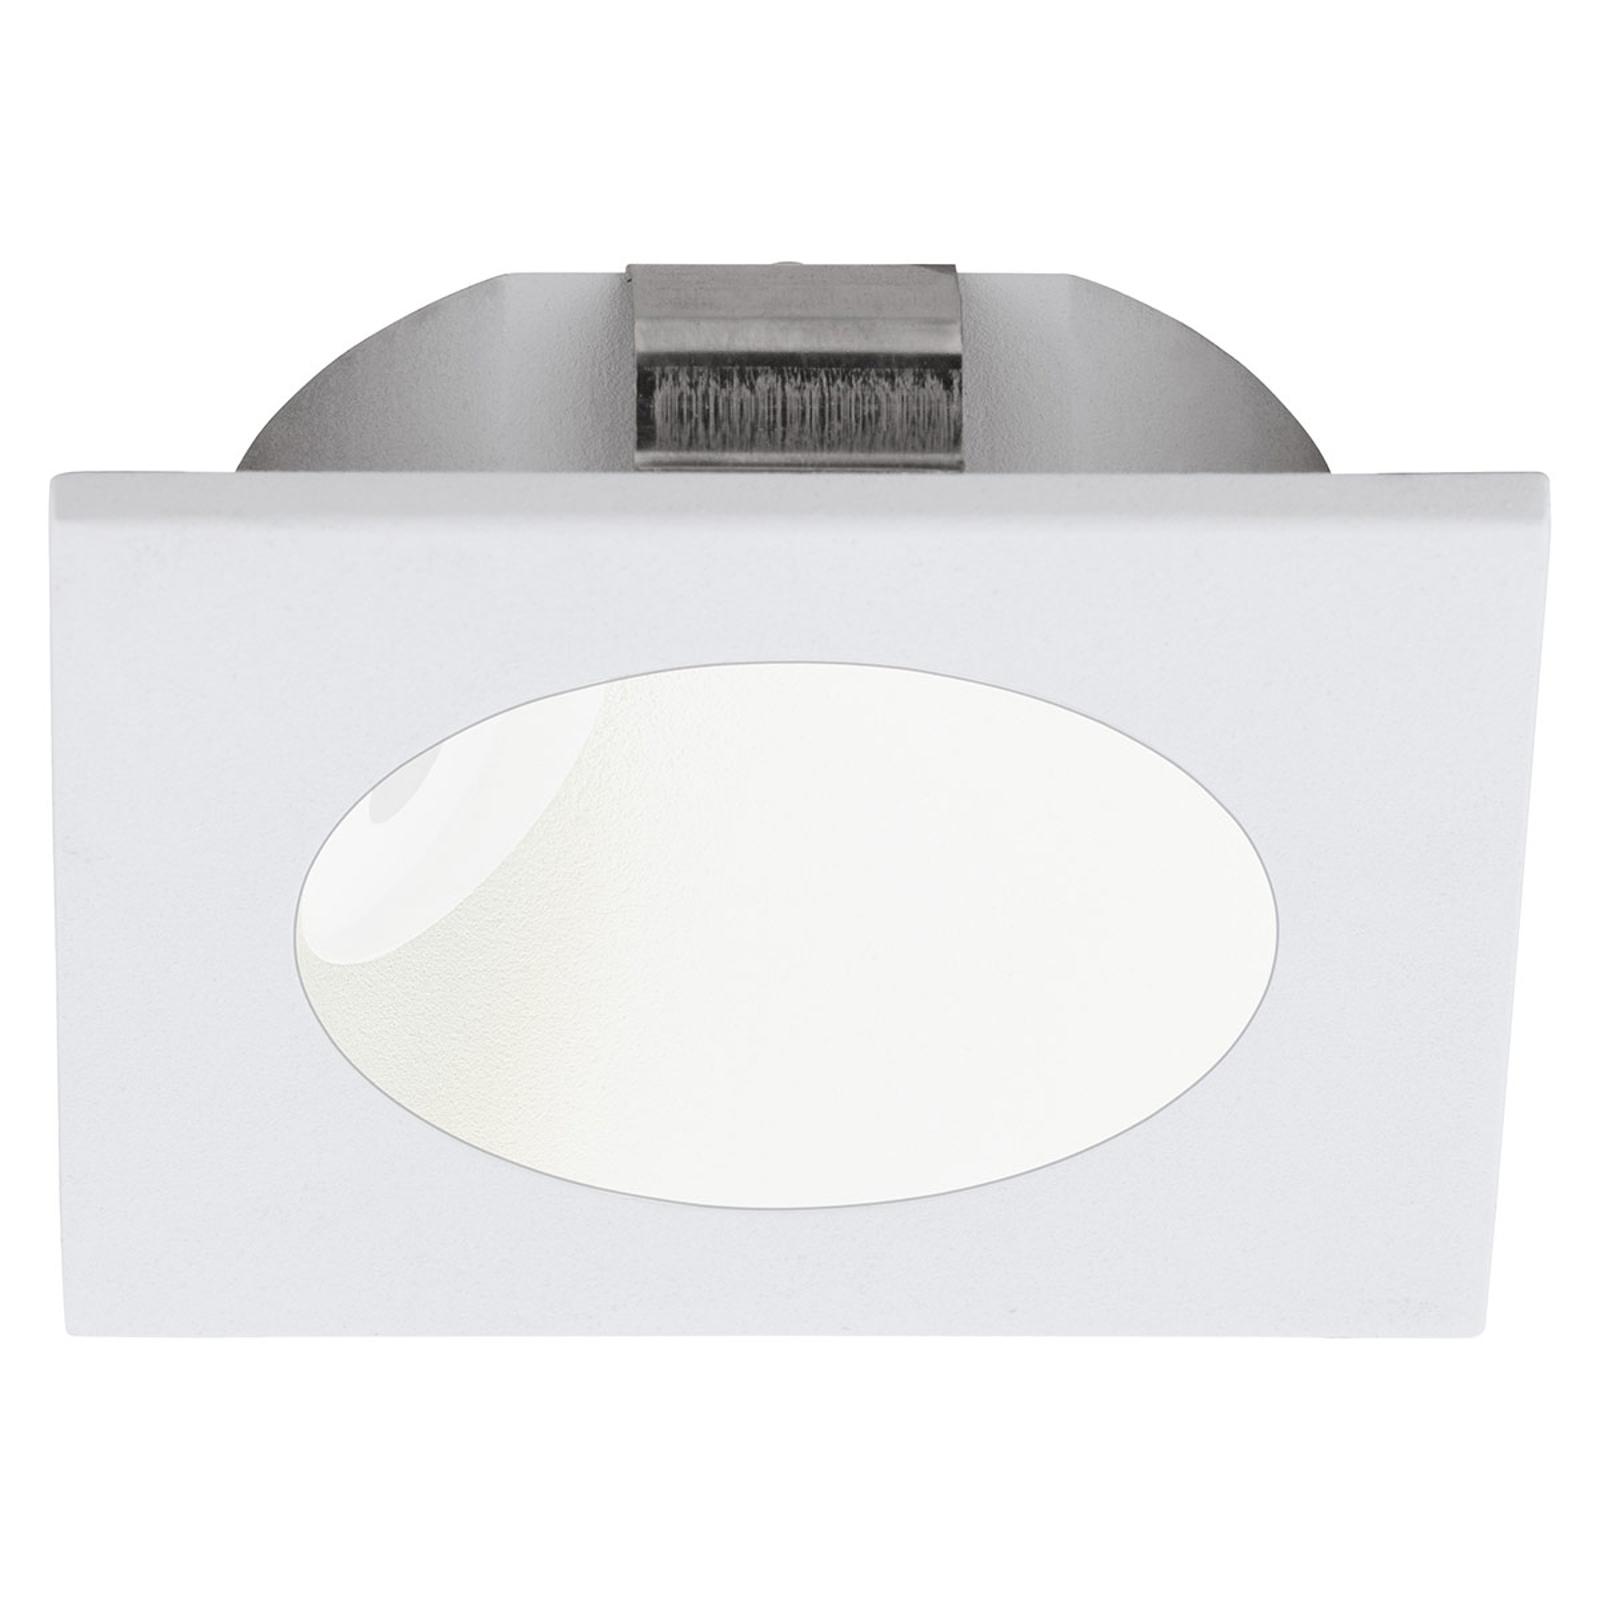 Spot LED da incasso in parete Zarate, bianco